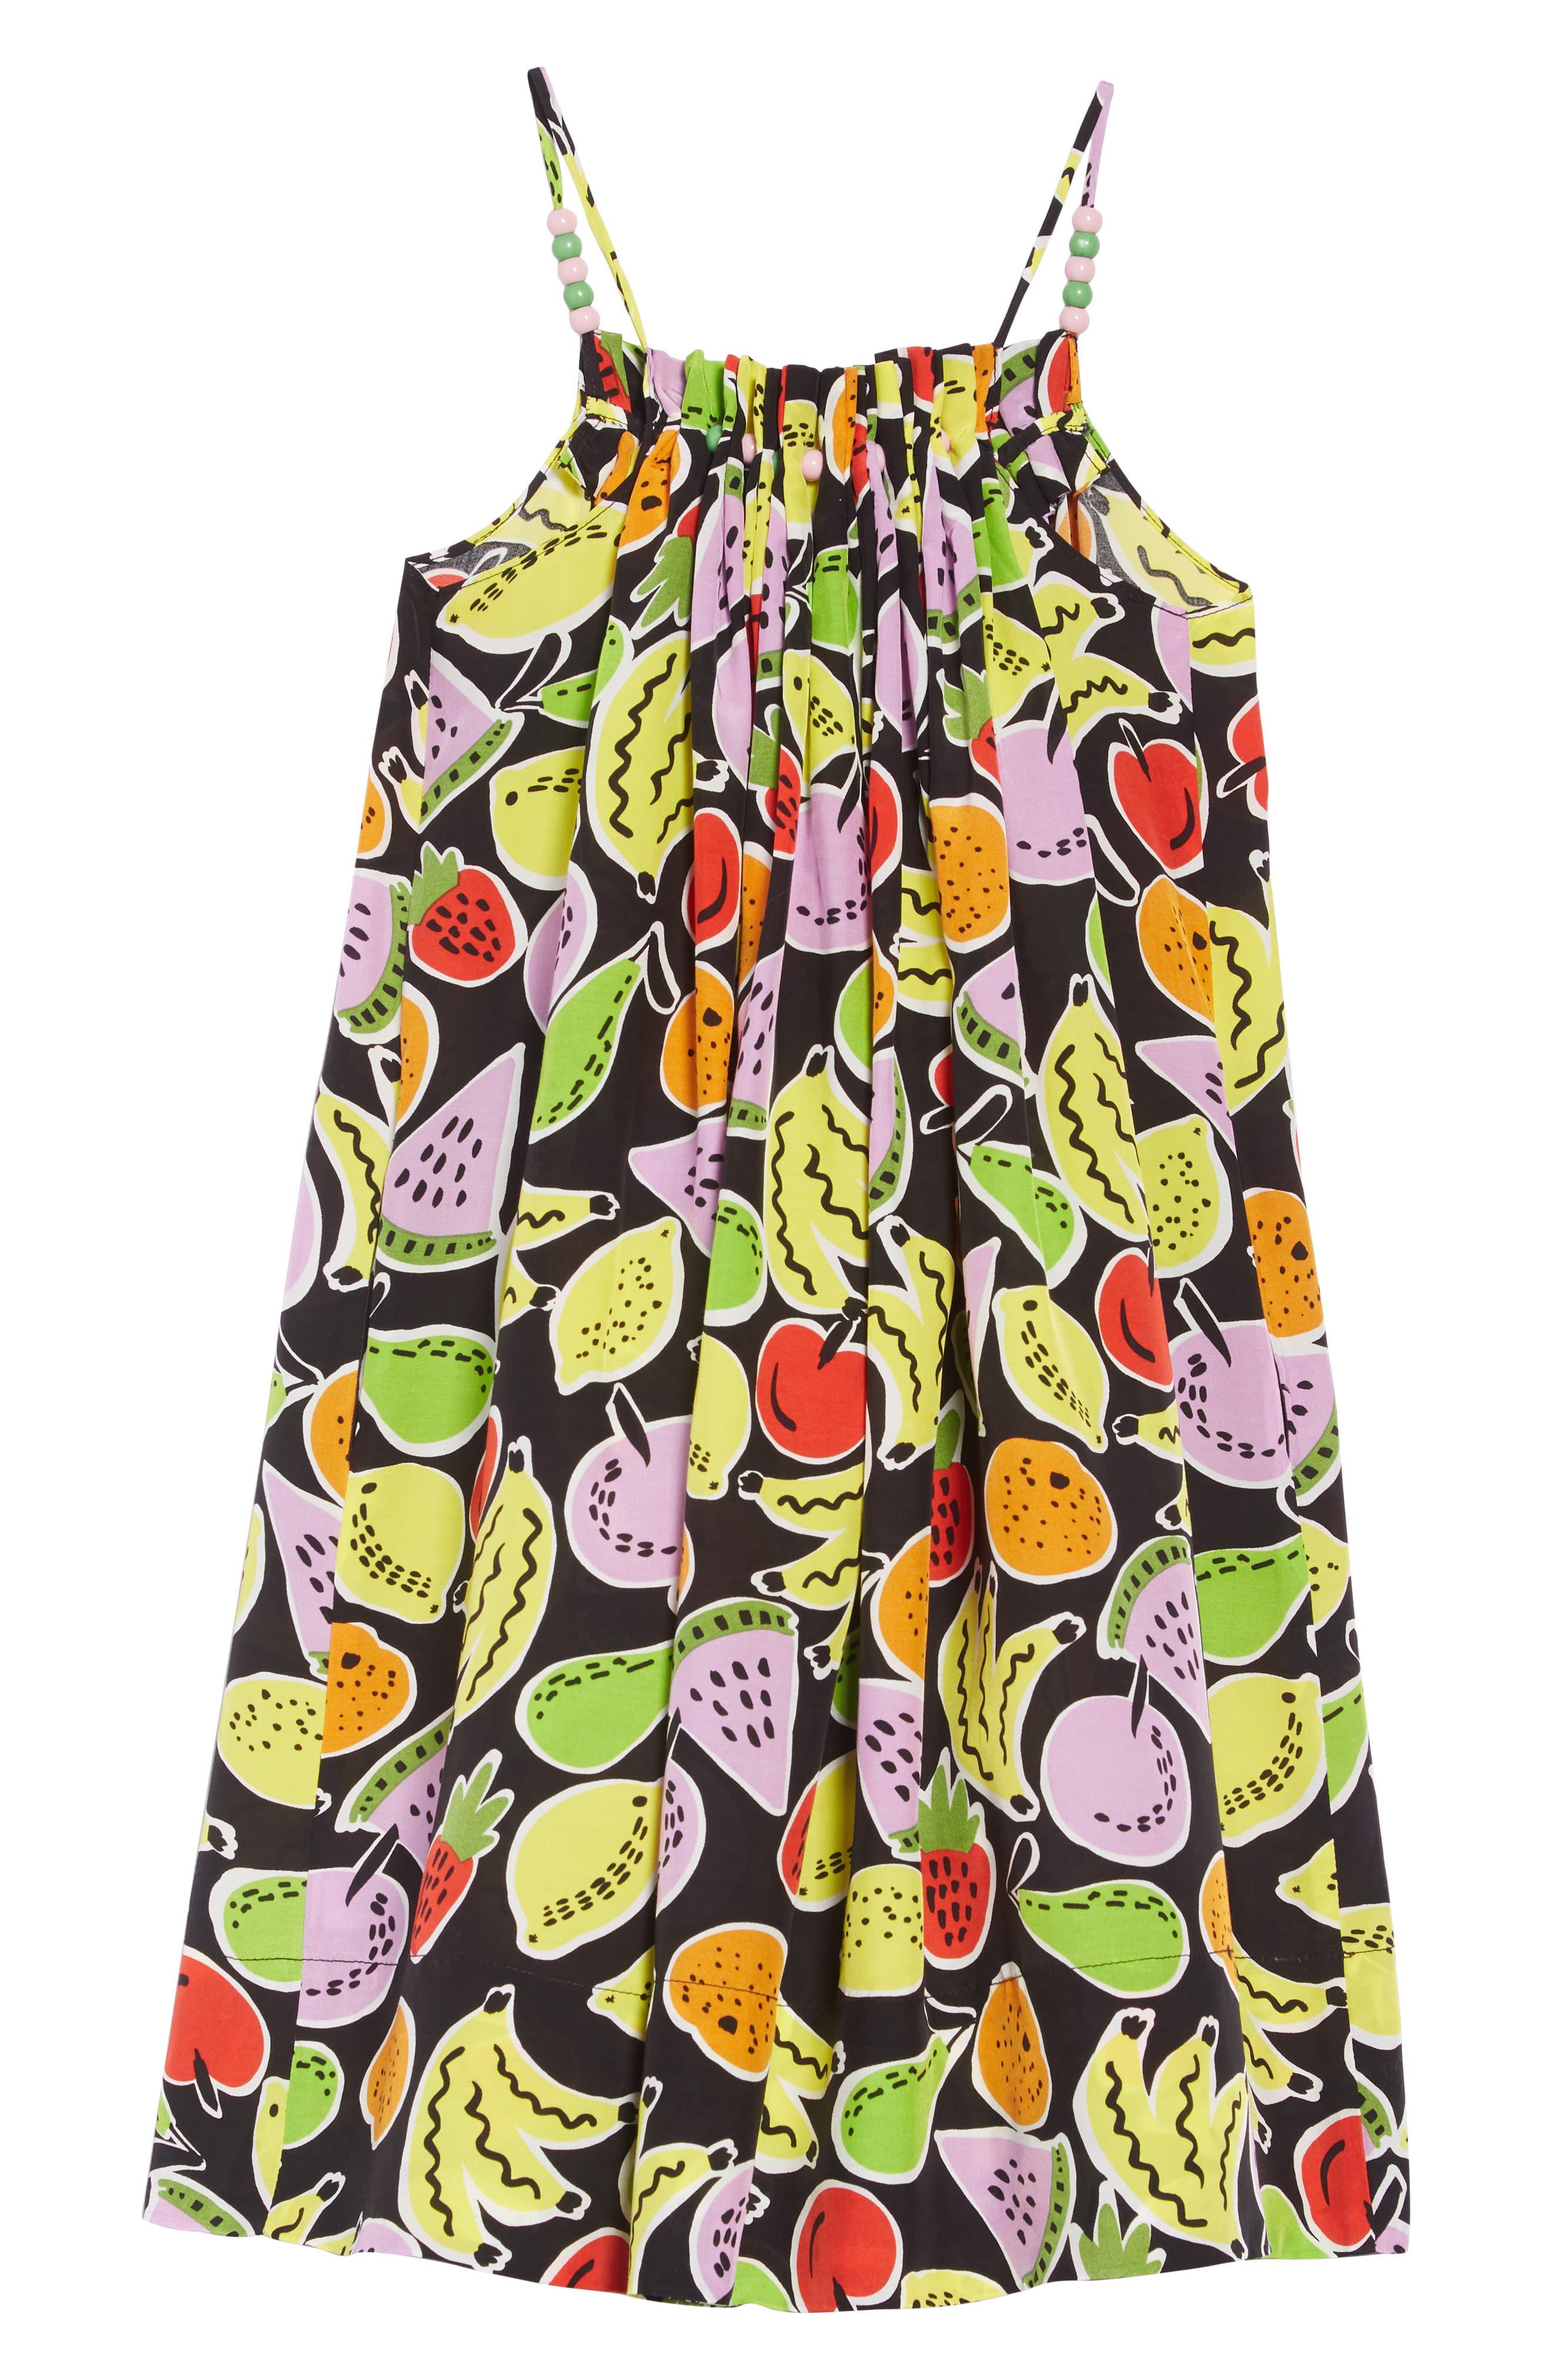 Stella McCartney Fruit Print Sundress,                             Alternate thumbnail 2, color,                             1090 BLACK